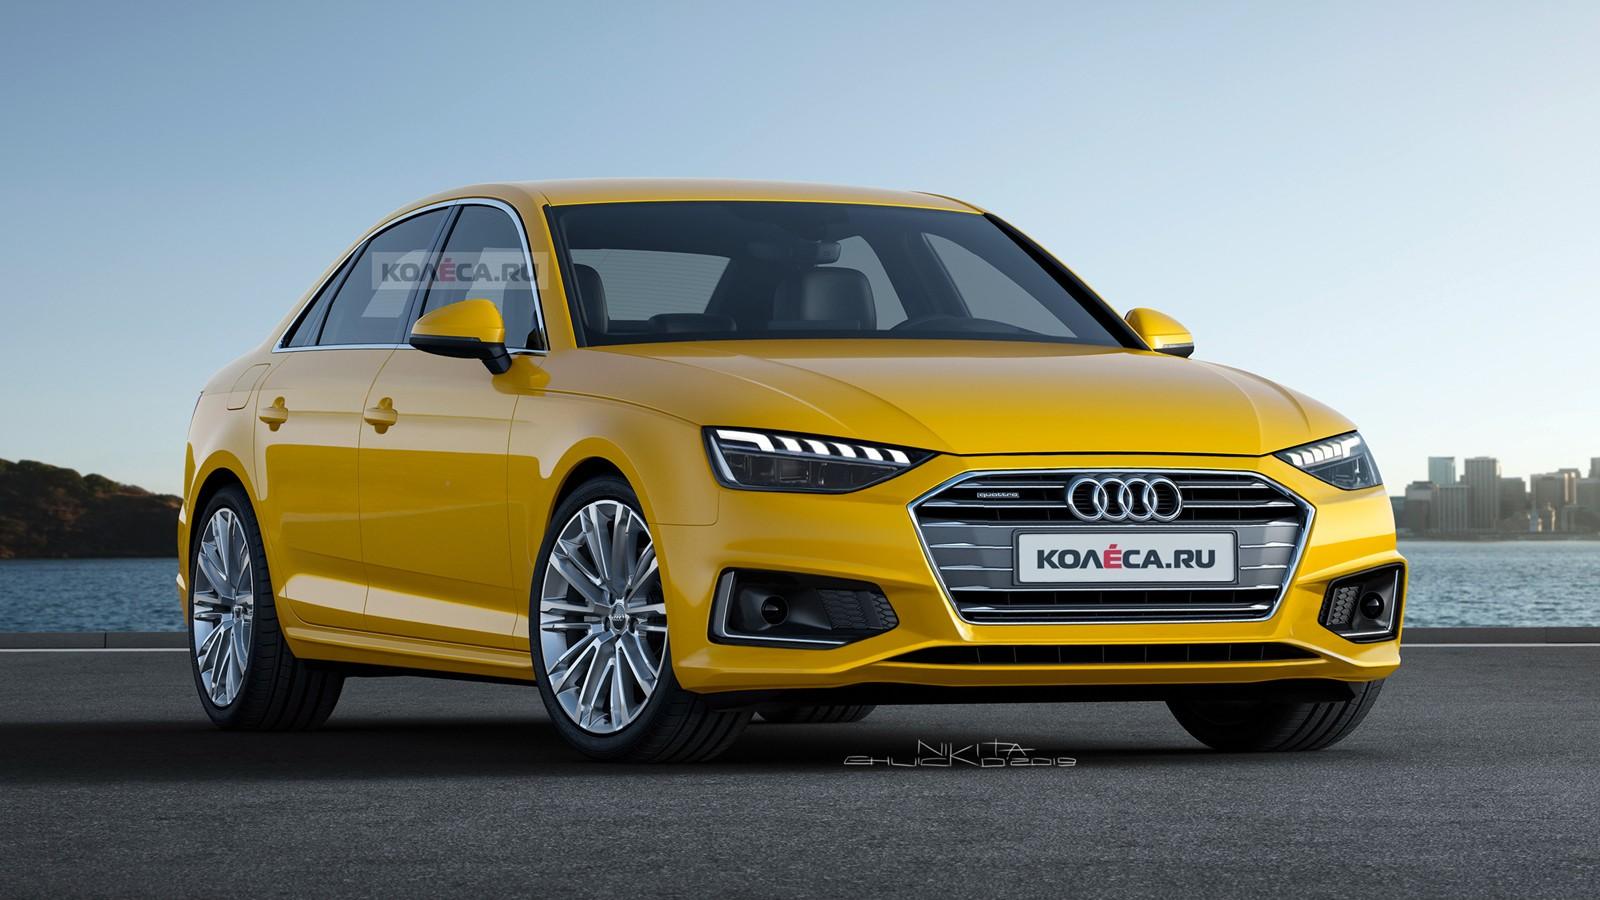 Audi A4 rest front2